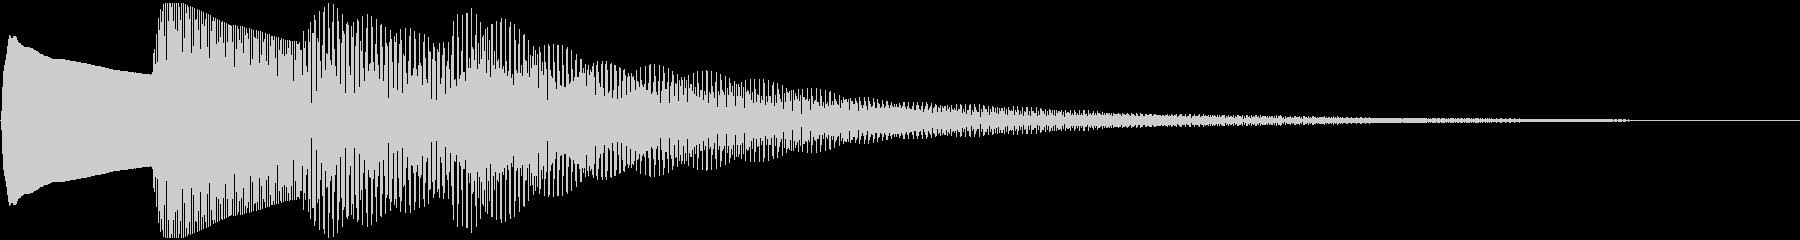 ピンポンパンポン(お知らせ終わり)の未再生の波形